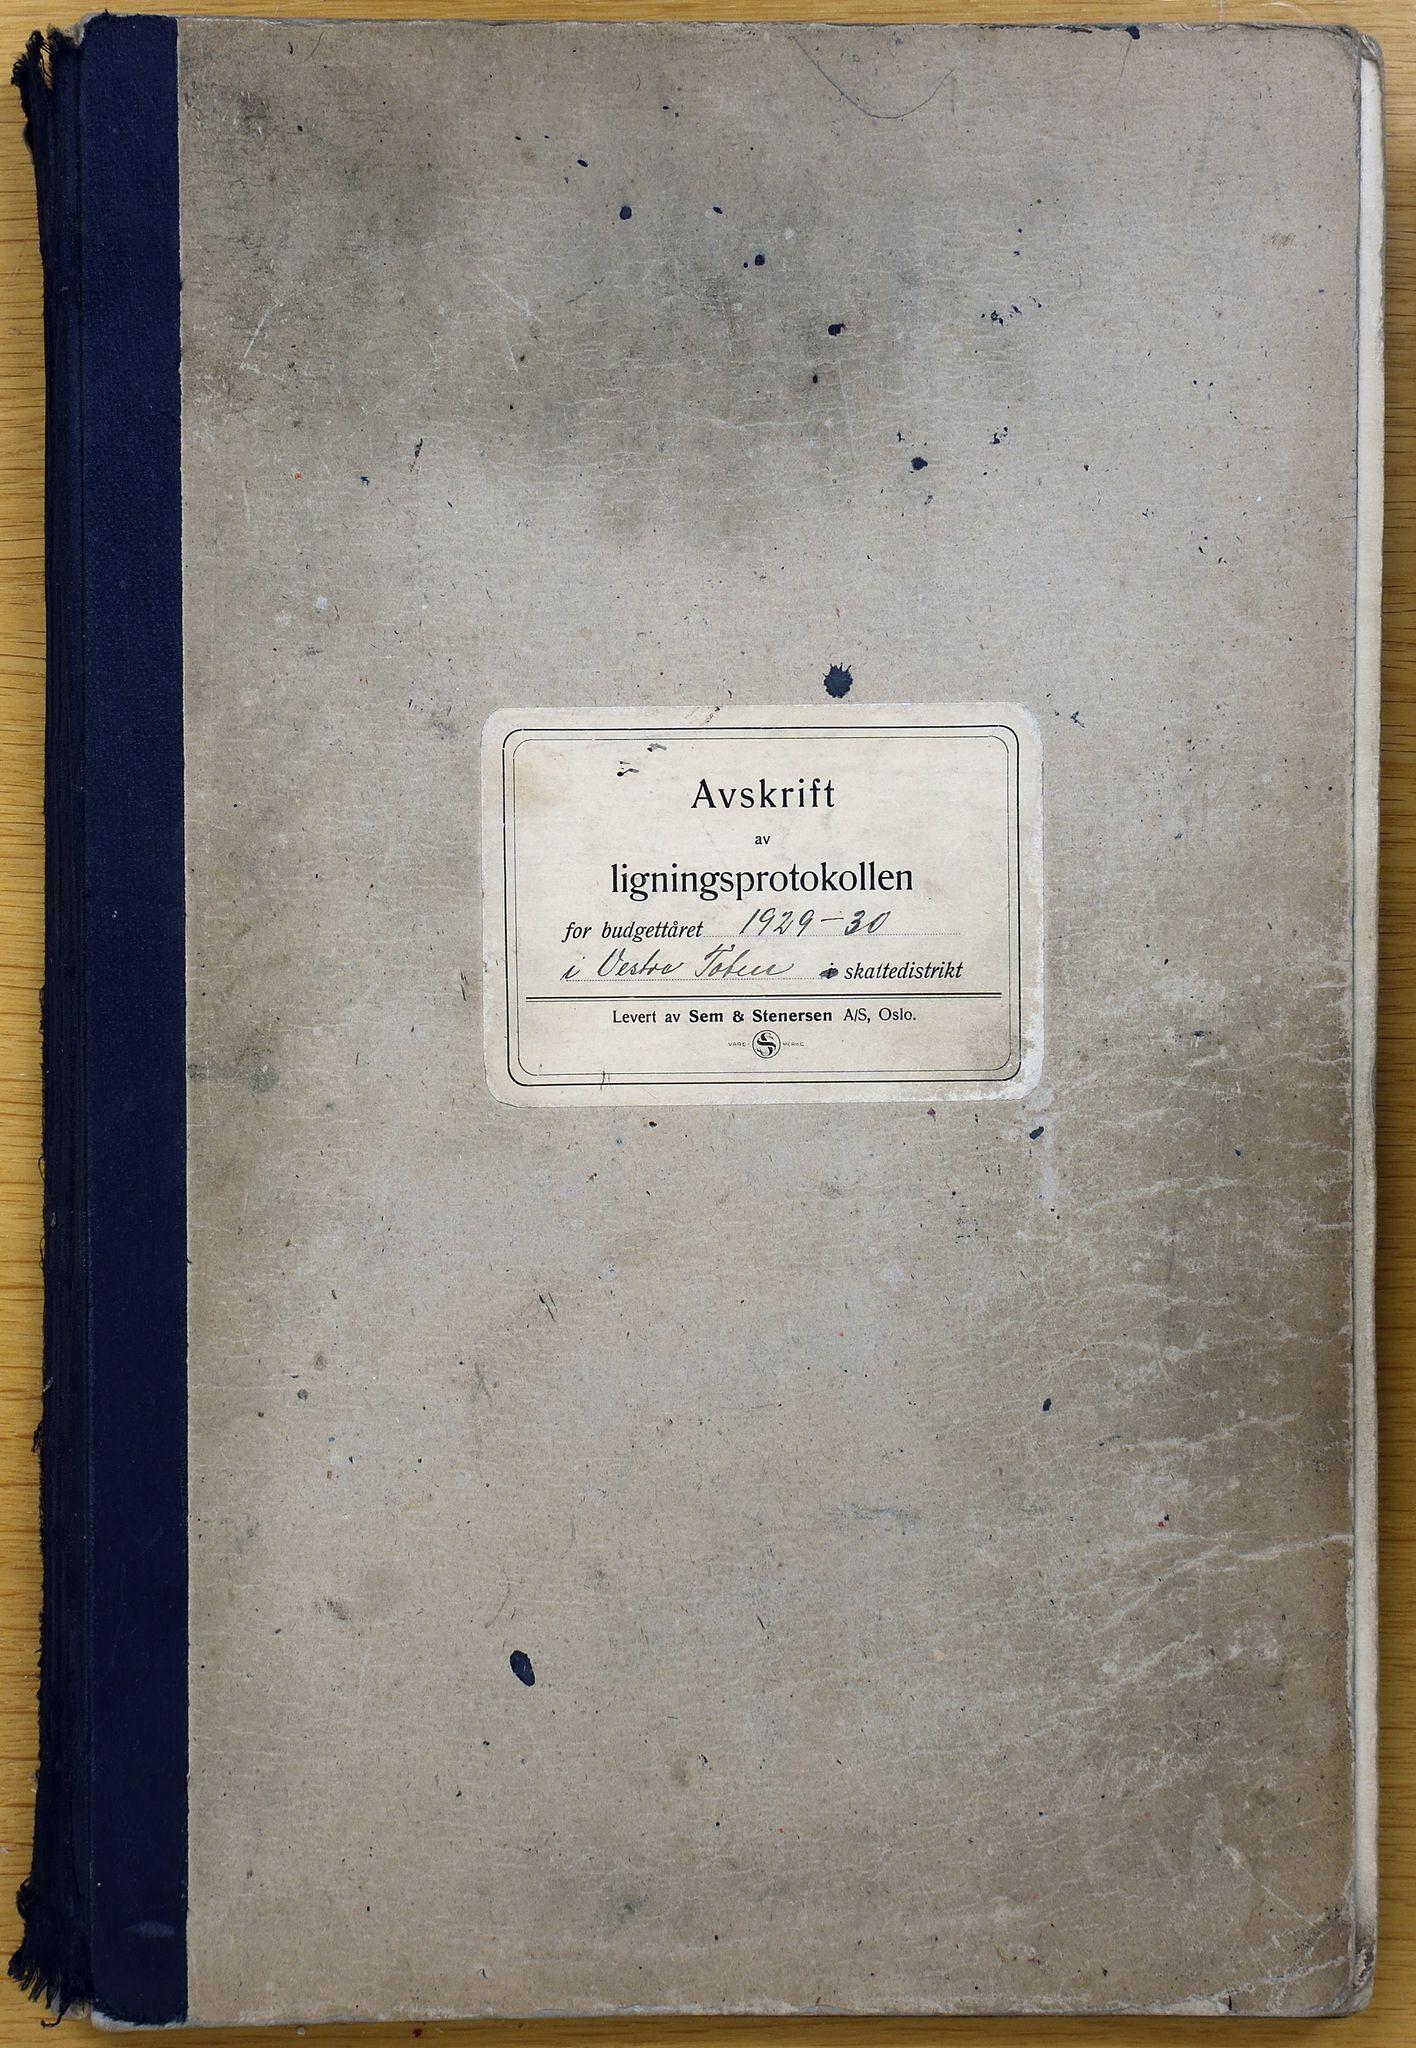 KVT, Vestre Toten kommunearkiv*, -: Avskrift av ligningsprotokollen for budsjettåret 1929-1930 for Vestre Toten skattedistrikt, 1929-1930